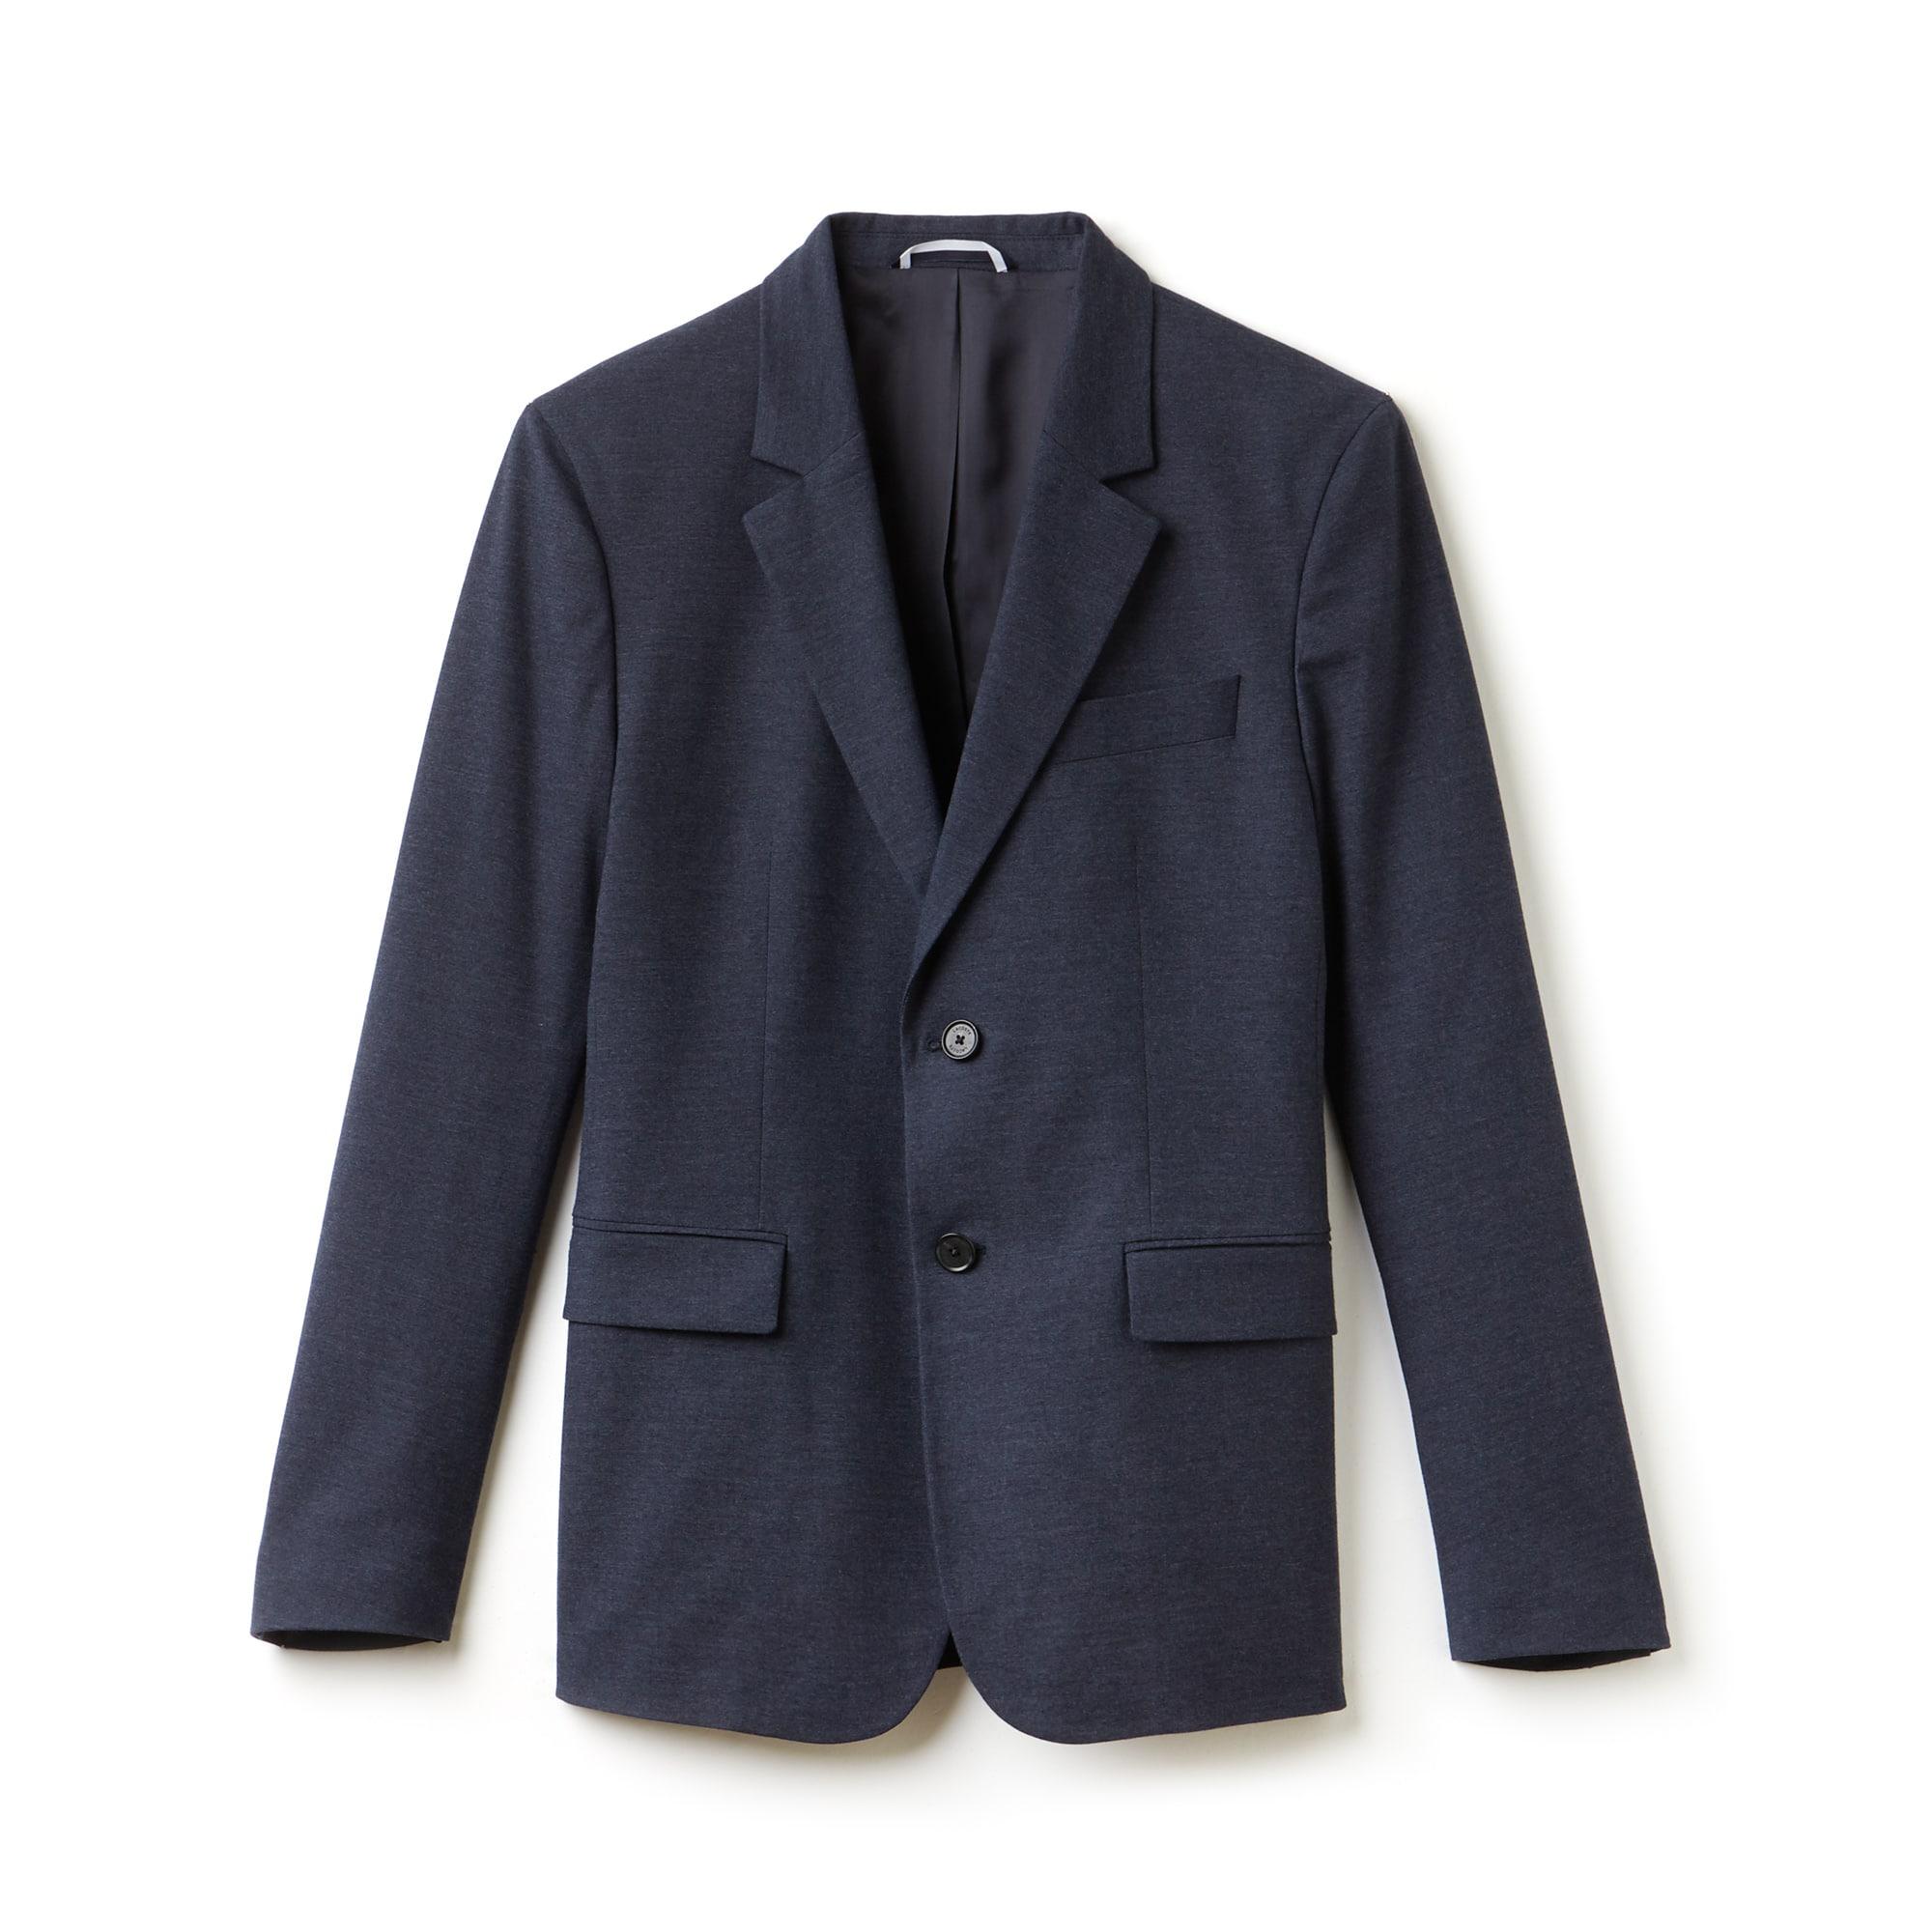 라코스테 Lacoste Mens Regular Fit Cotton Gabardine Jacket,navy blue